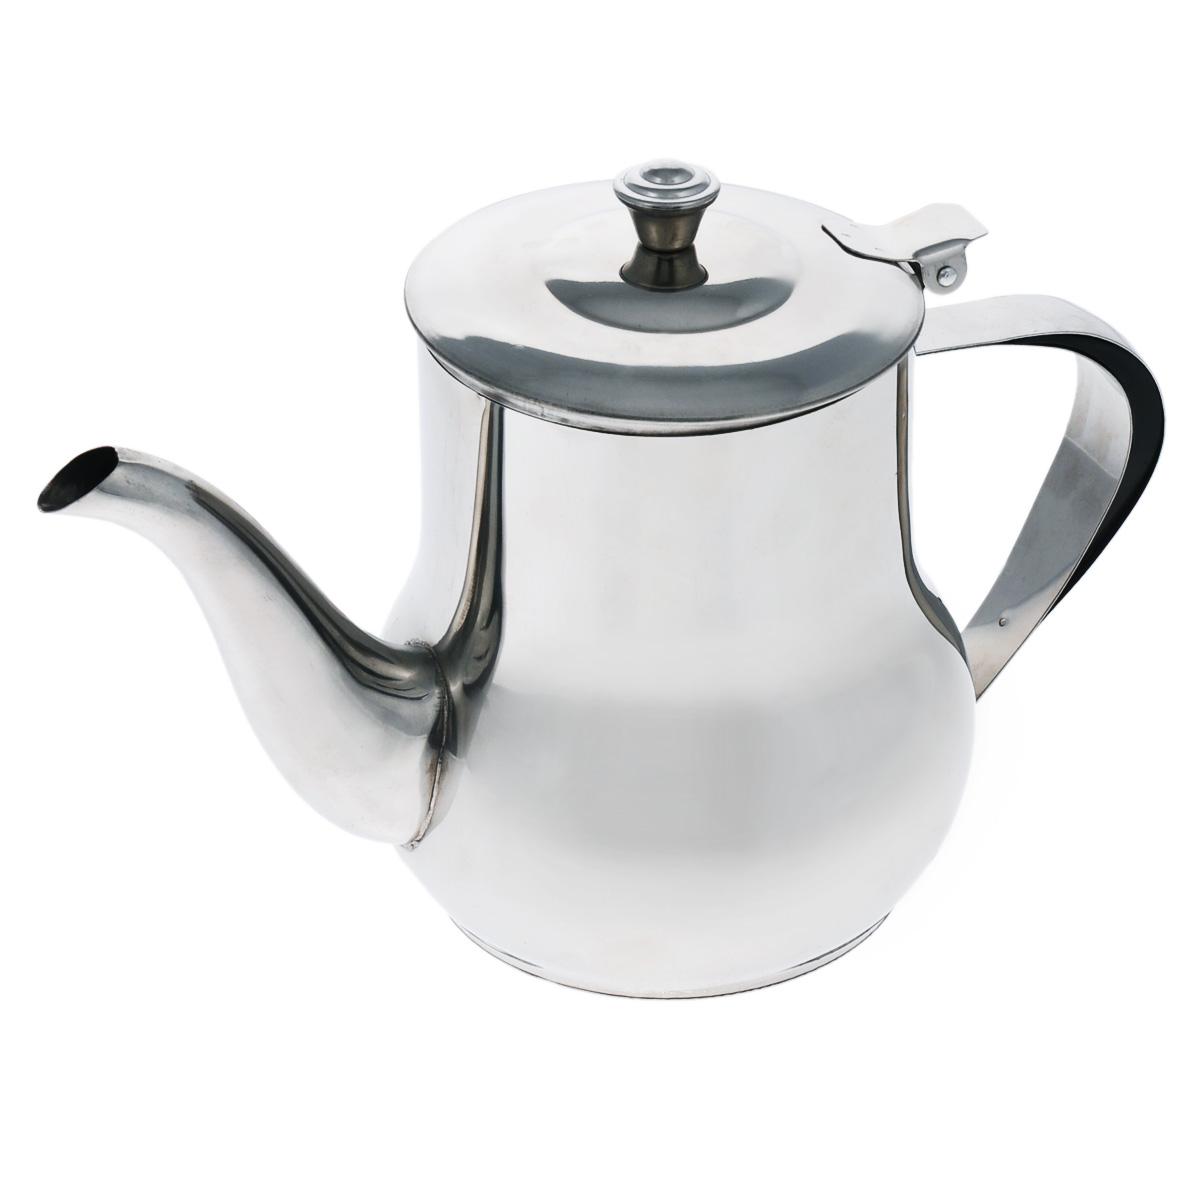 Чайник заварочный Mayer & Boch, с фильтром, 1 л. 403403Заварочный чайник Mayer & Boch изготовлен из высококачественной нержавеющей стали с зеркальной полировкой и оснащен фильтром. Чайник используется только для приготовления чая. Простой и удобный прибор поможет вам приготовить крепкий, ароматный чай. Рекомендации по использованию: - не используйте посуду в случае появления трещин или сколов;- не используйте в СВЧ; - можно мыть в посудомоечной машине.Диаметр по верхнему краю: 9 см.Высота (без учета крышки): 12 см.